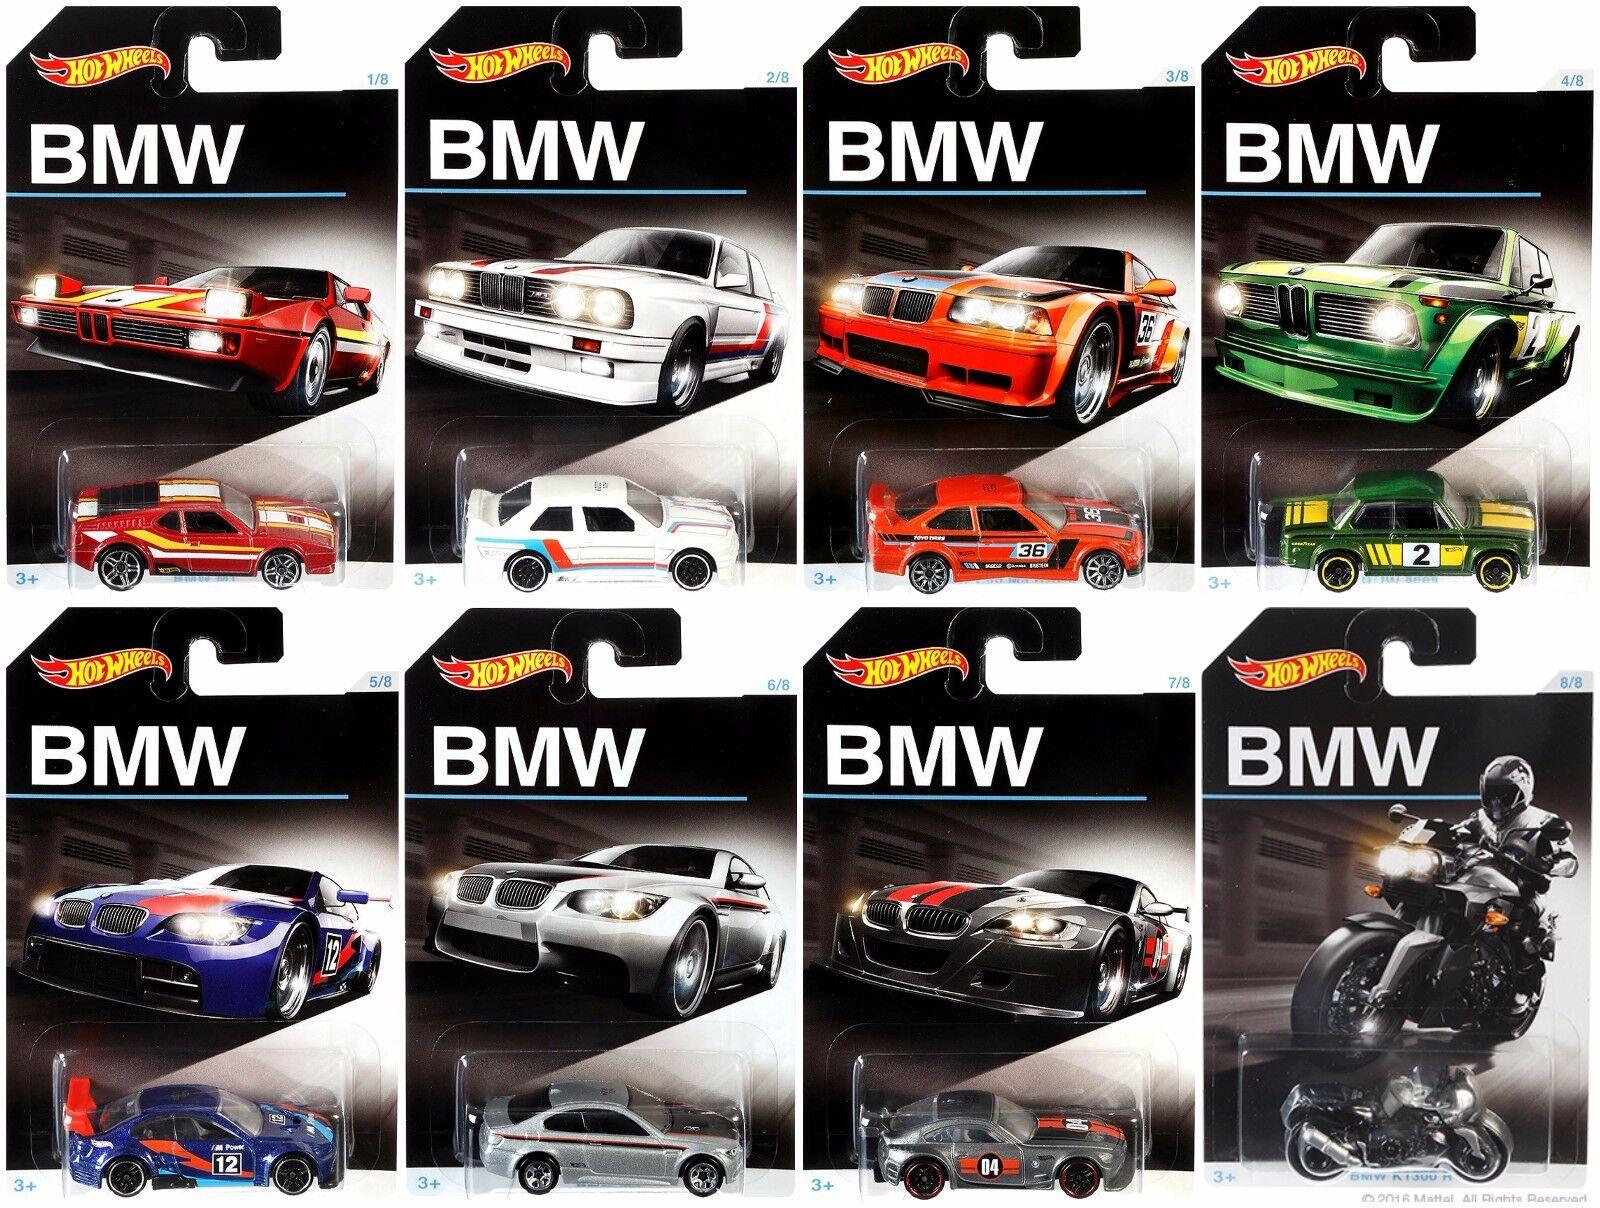 HOT WHEELS BMW SERIE pressofusione di metallo giocattolo auto Hot Wheels 1:64 priorità spedizione